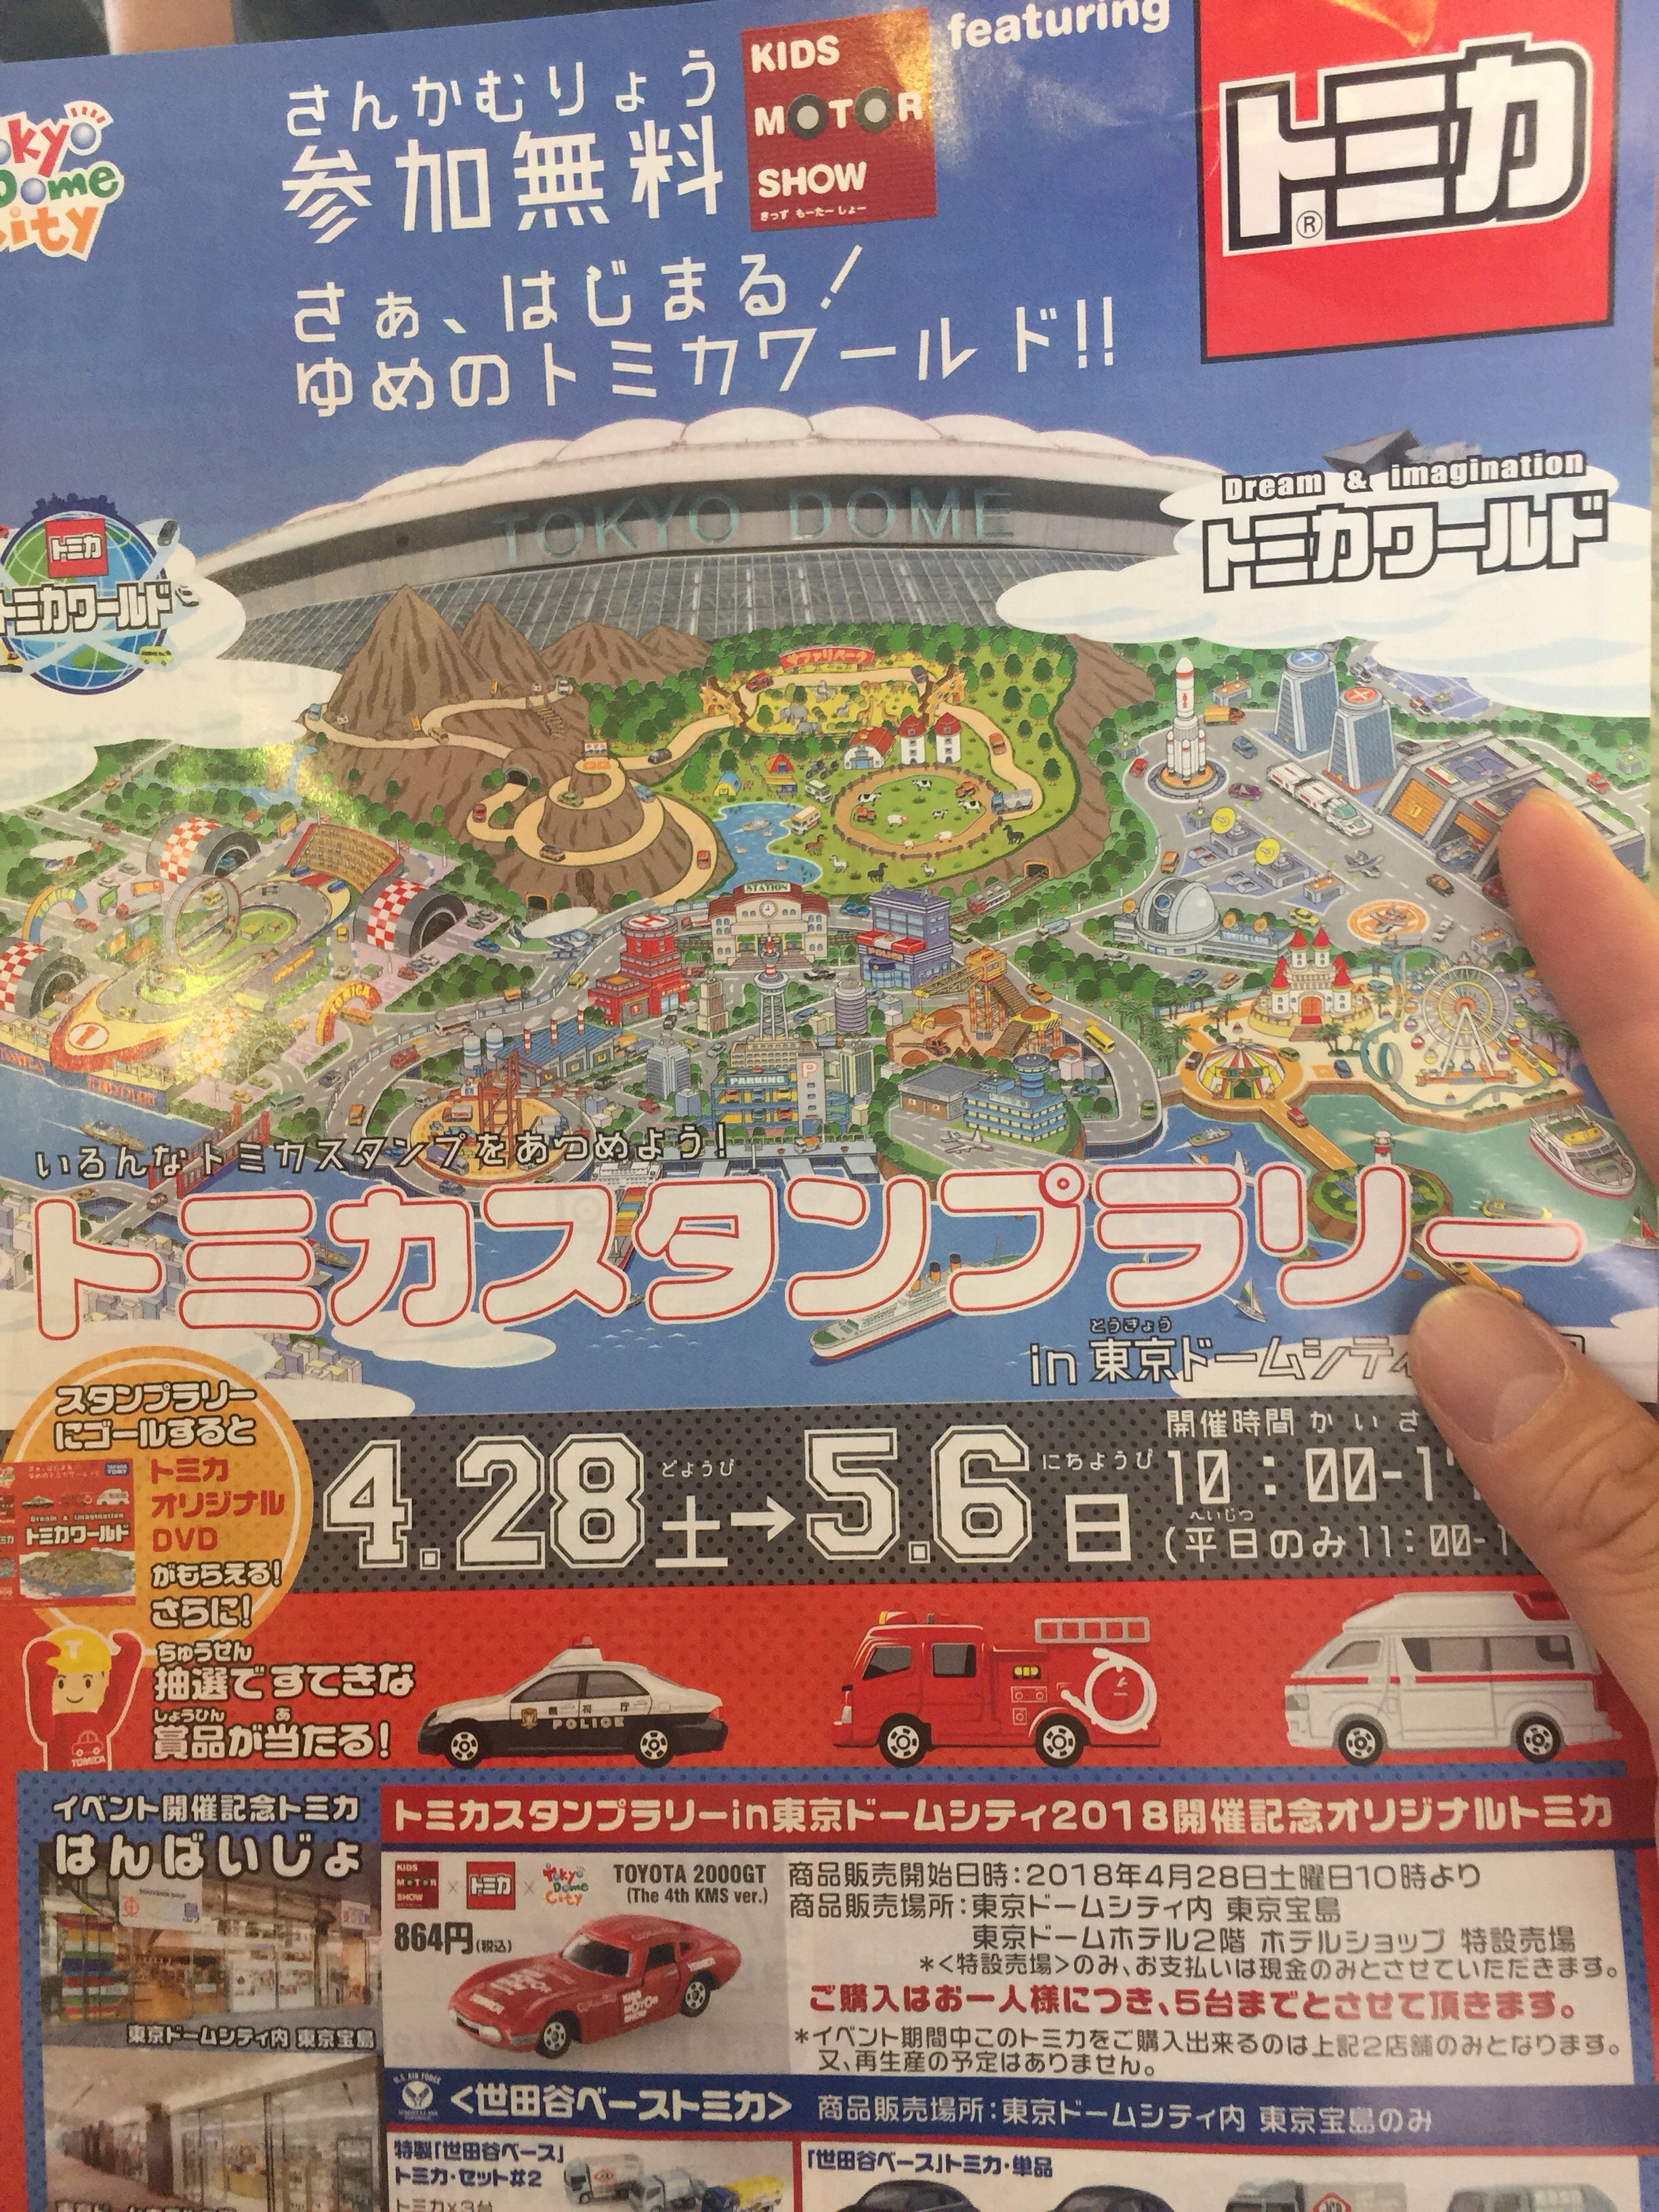 【トミカ】トミカスタンプラリーin東京ドームシティ 2018